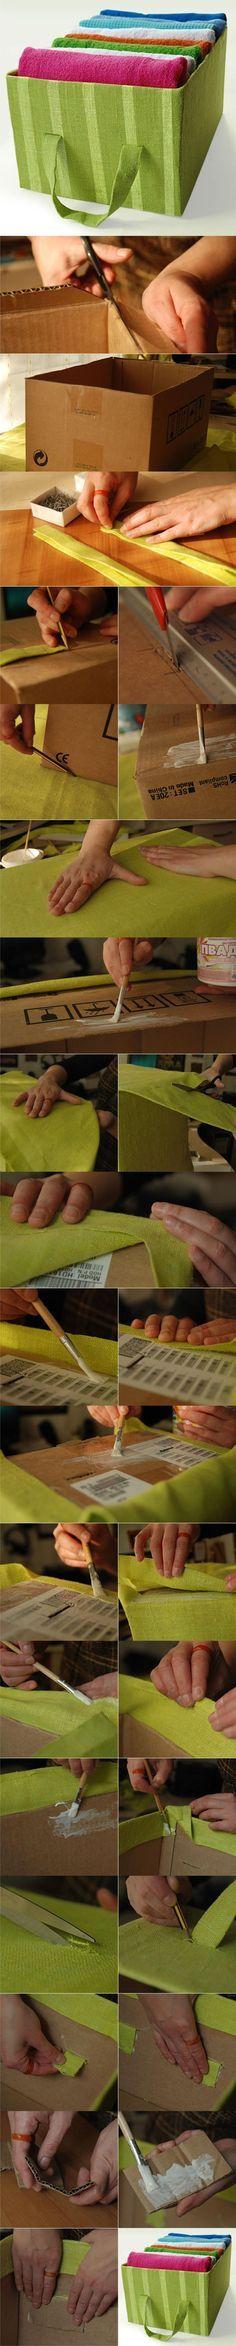 Tutoriel pour faire une jolie boite recouverte de tissu - DIY storage box